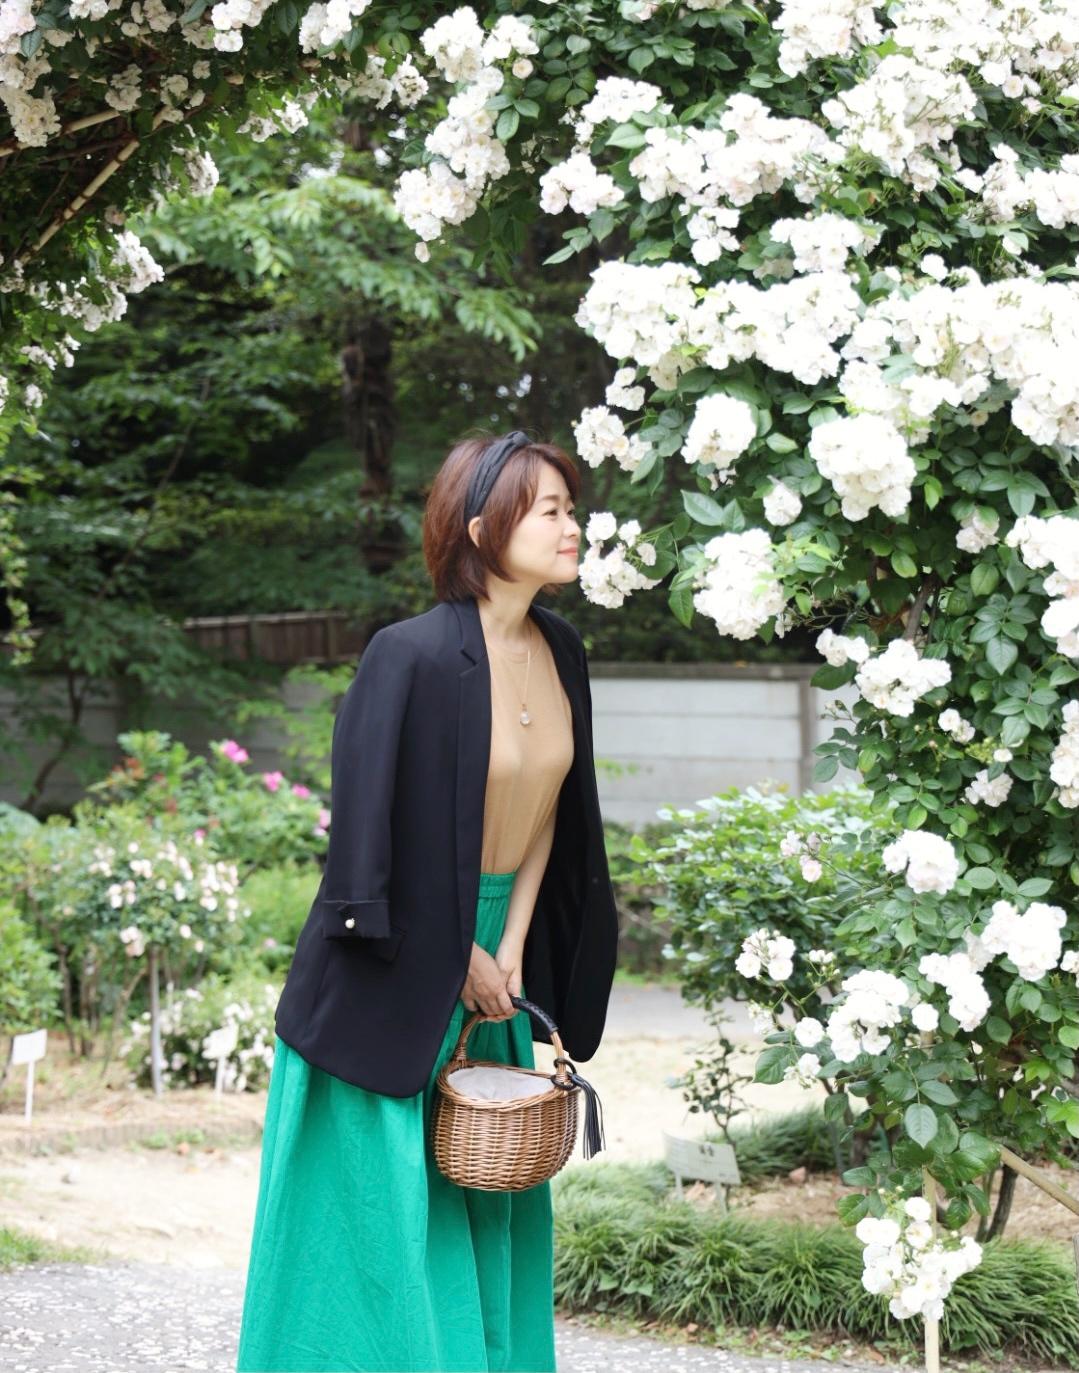 「きれい色マキシスカート」で瞬間着映え♪_1_5